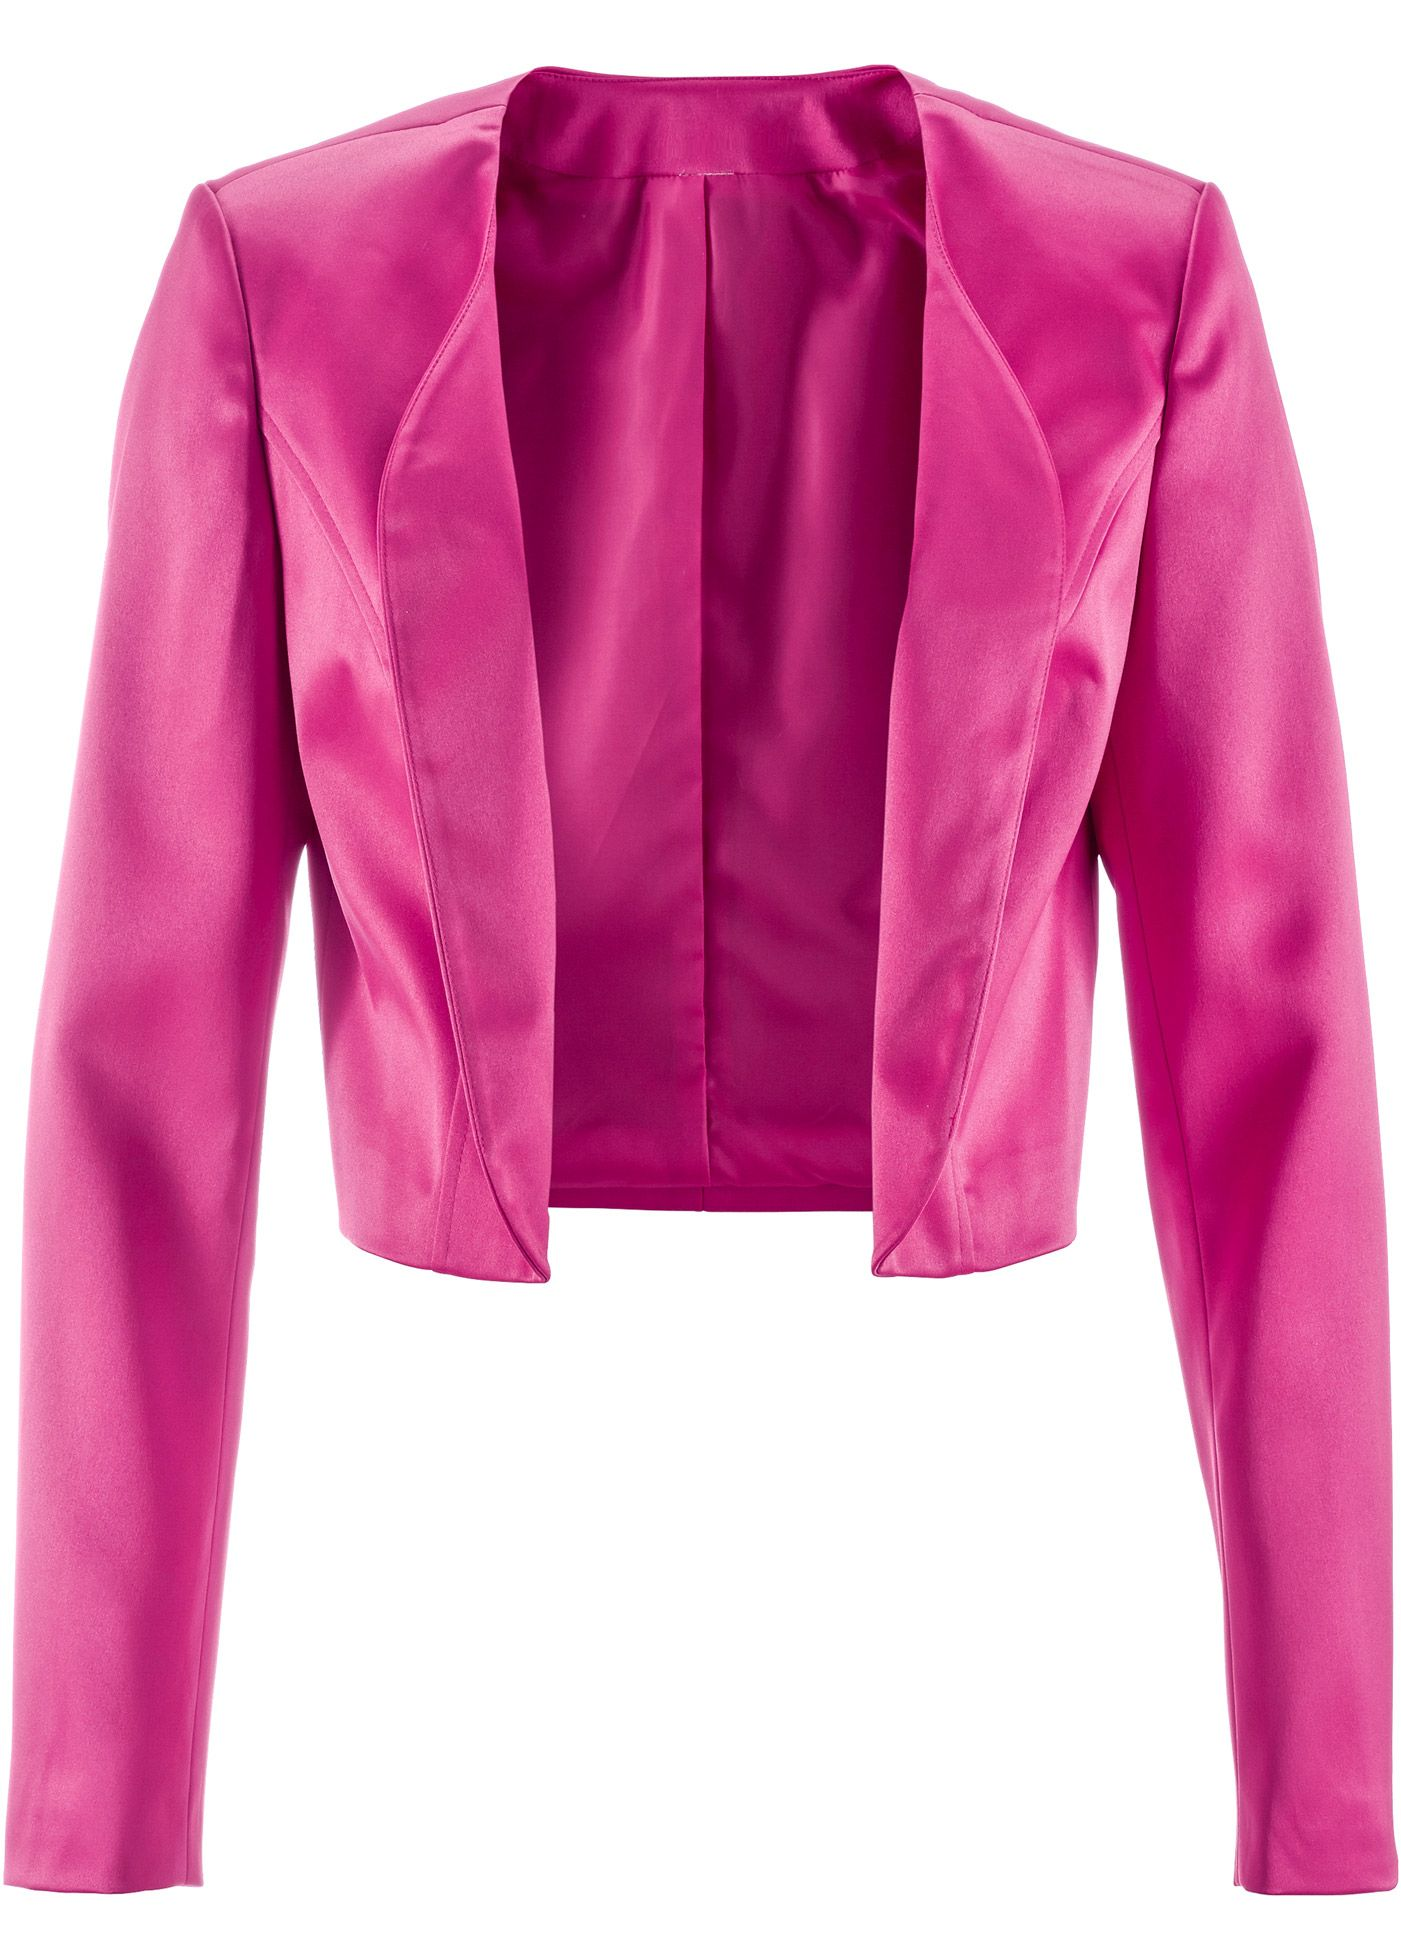 15327fc2b4 Bonprix satin look bolero fuchsia pink Blazer